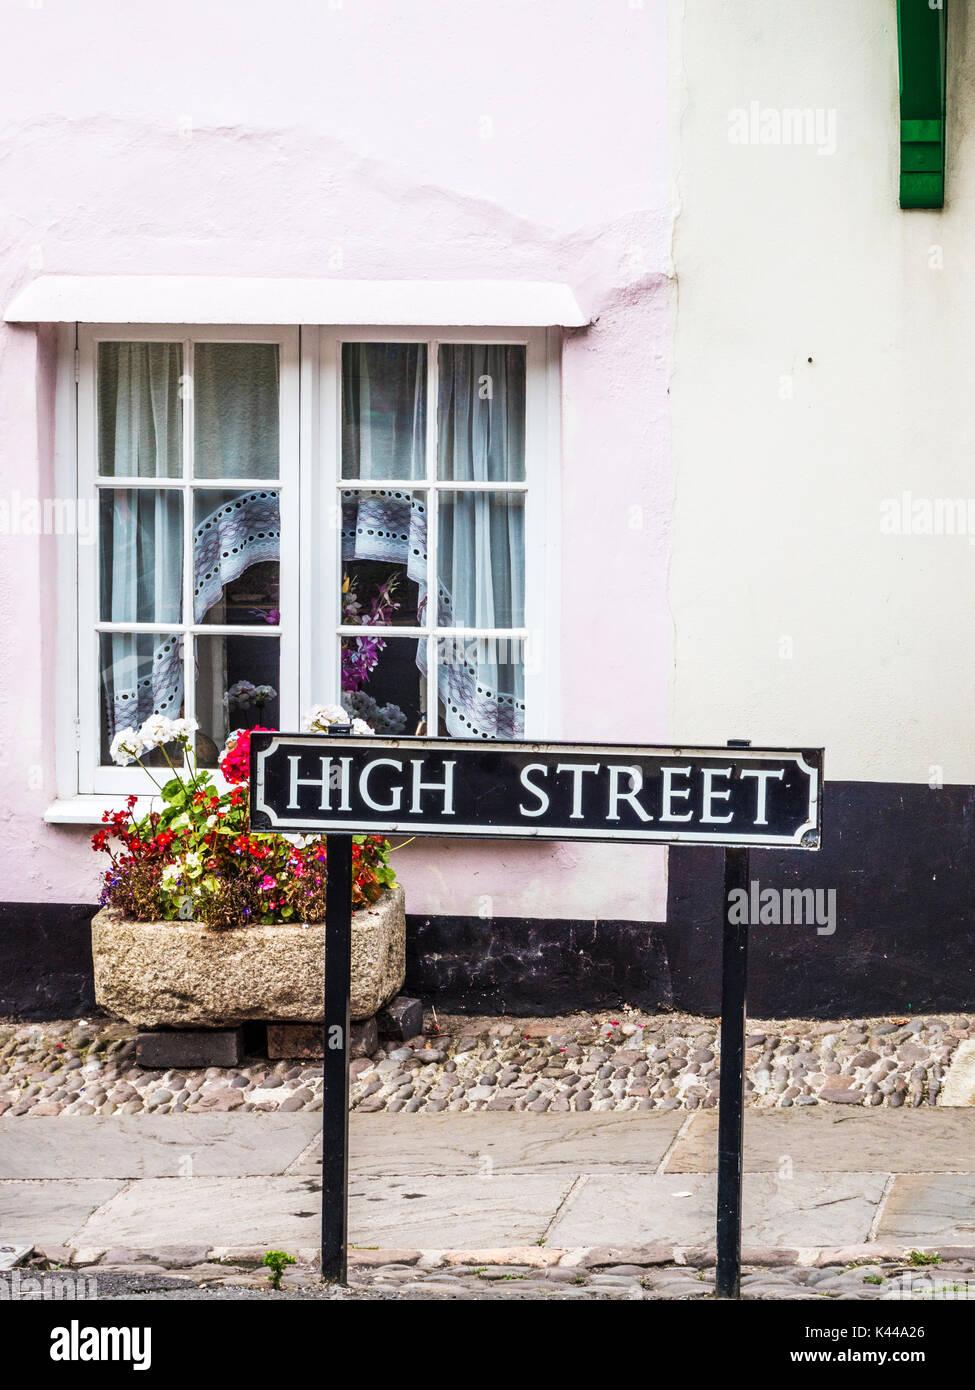 Générique typique British High Street nom de rue. Photo Stock